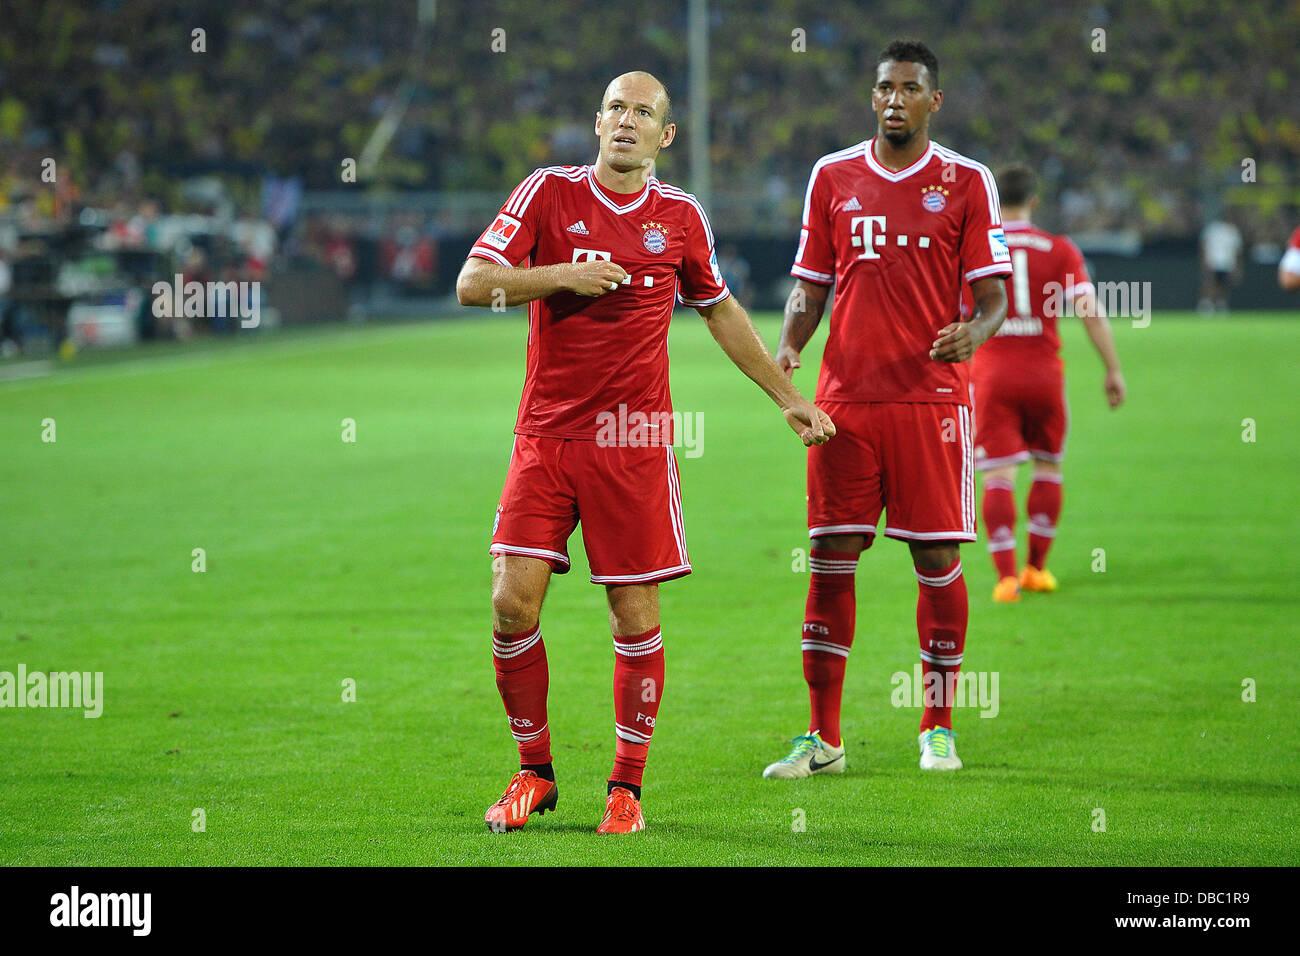 Fussball Dortmund Bayern München